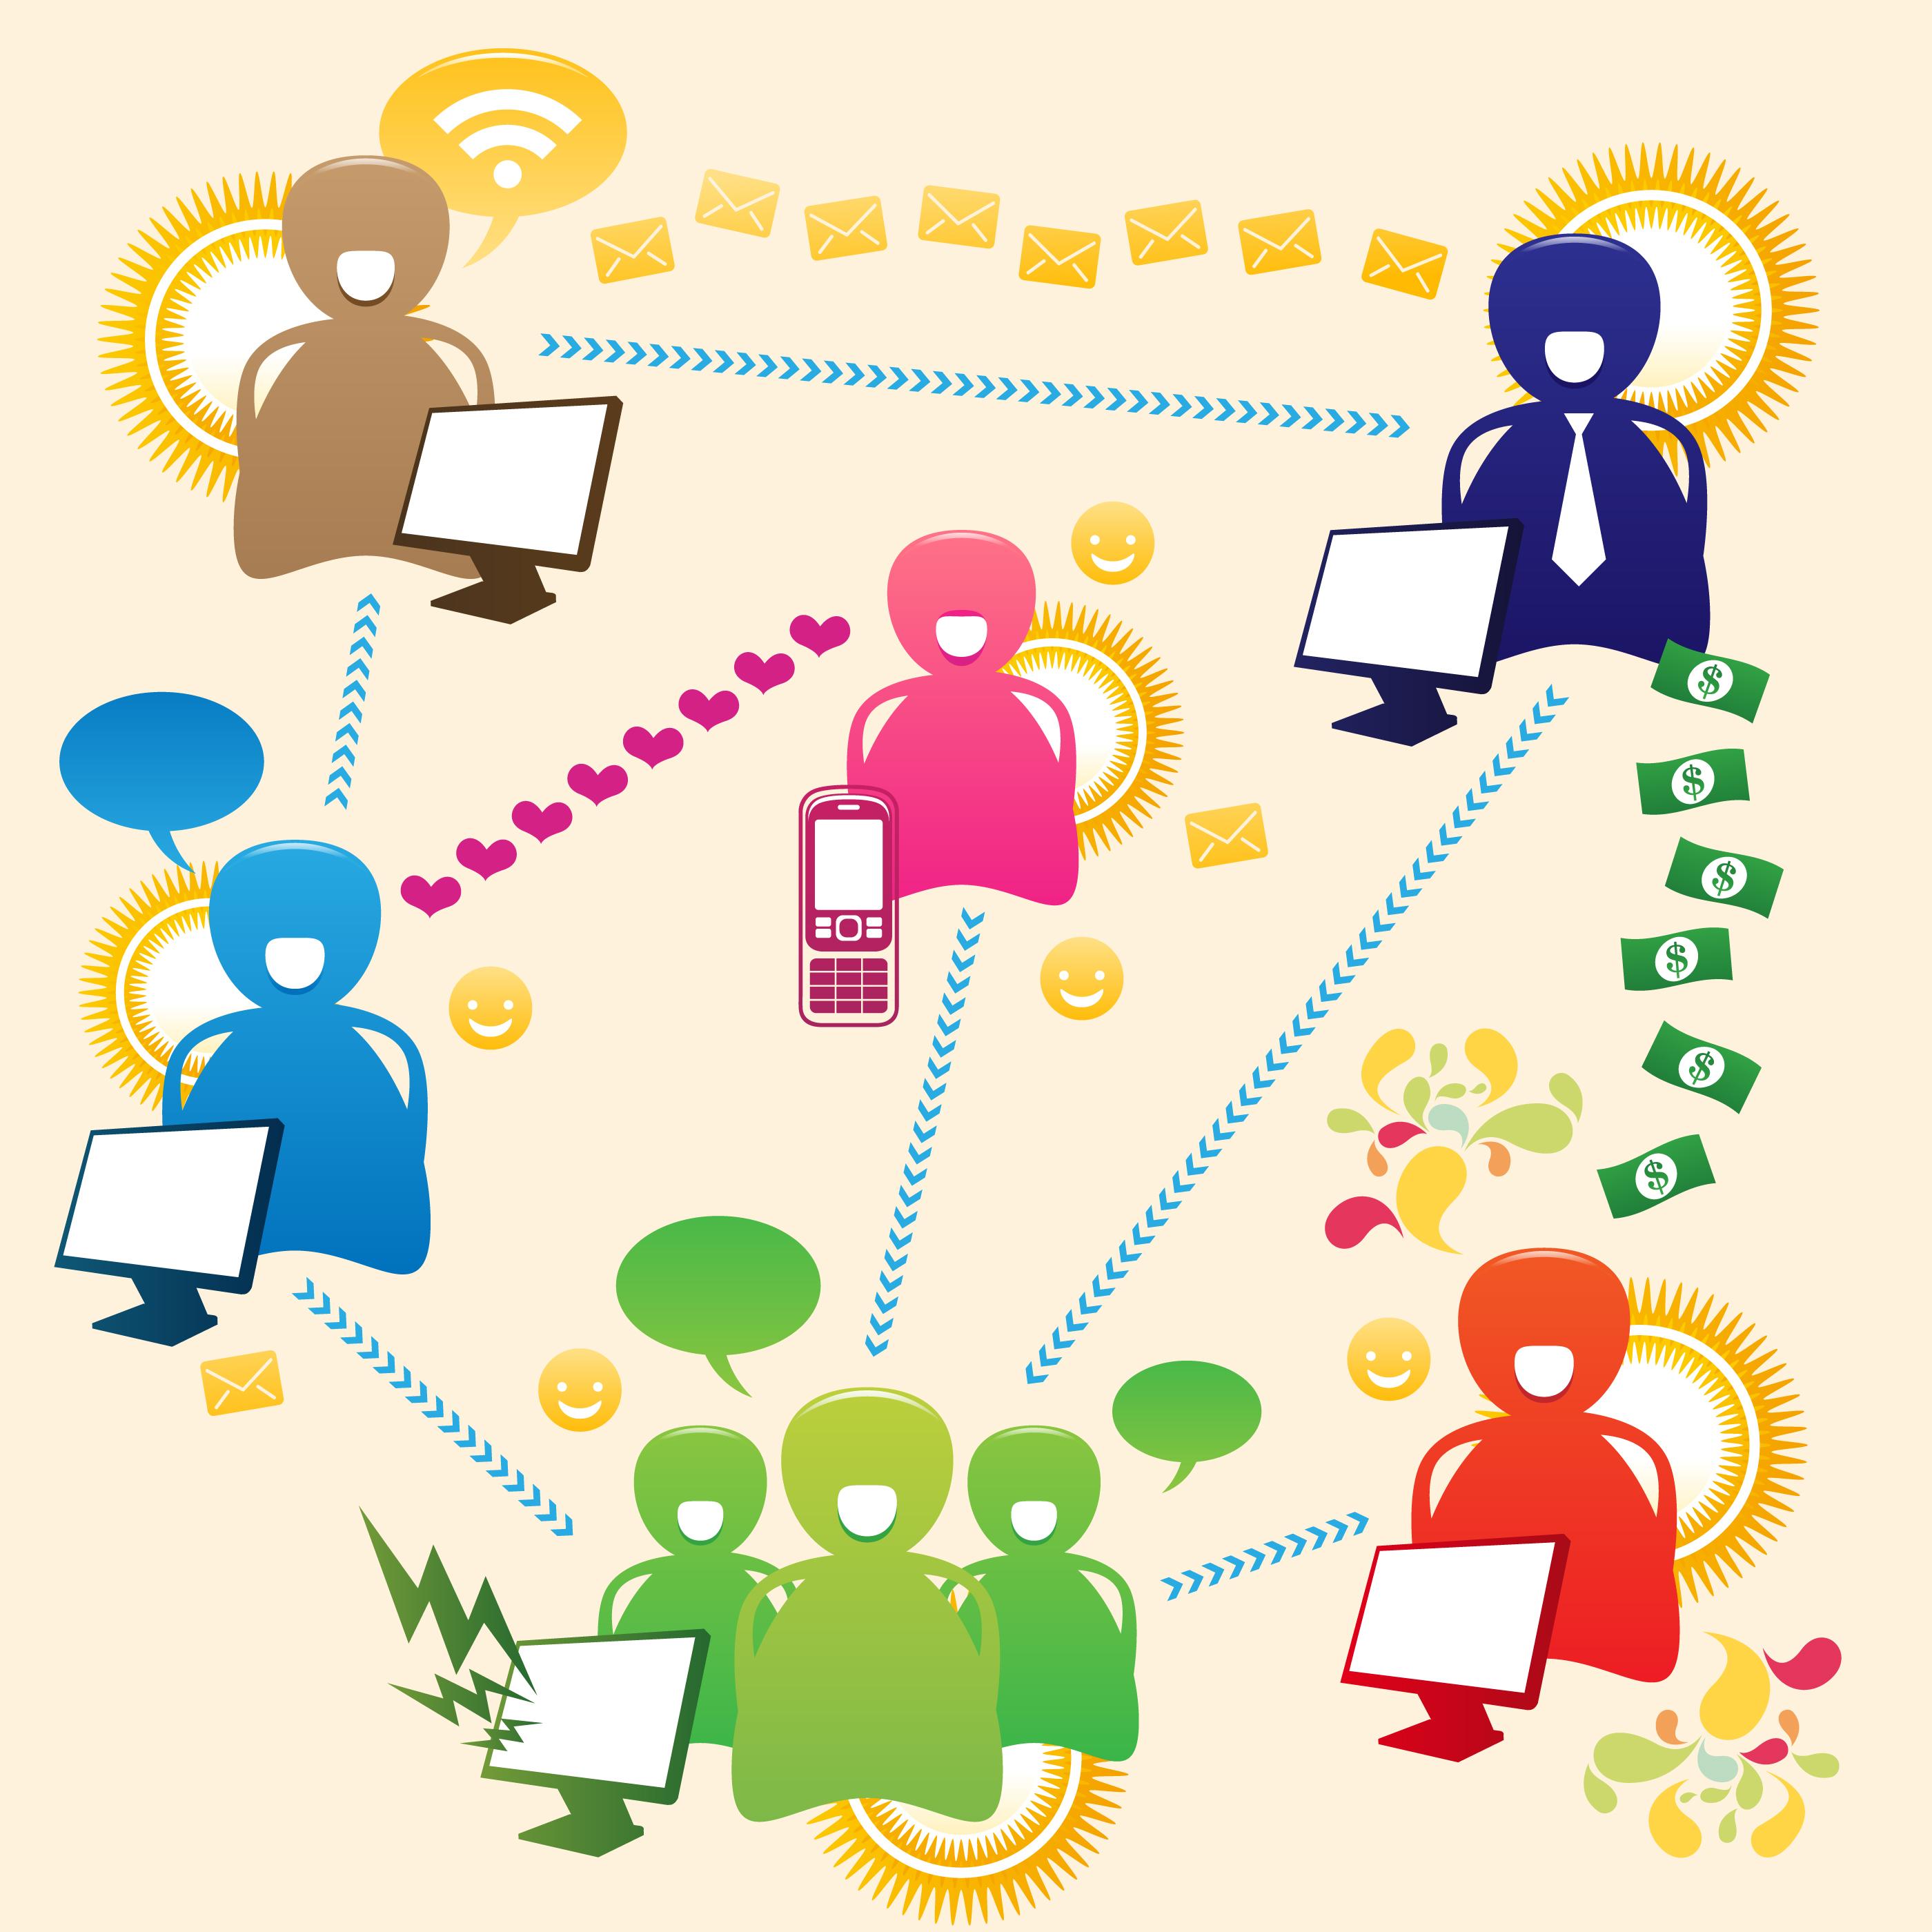 Haz que tu producto o servicio sea el preferido por los consumidores utilizando una página web interactiva y medible.